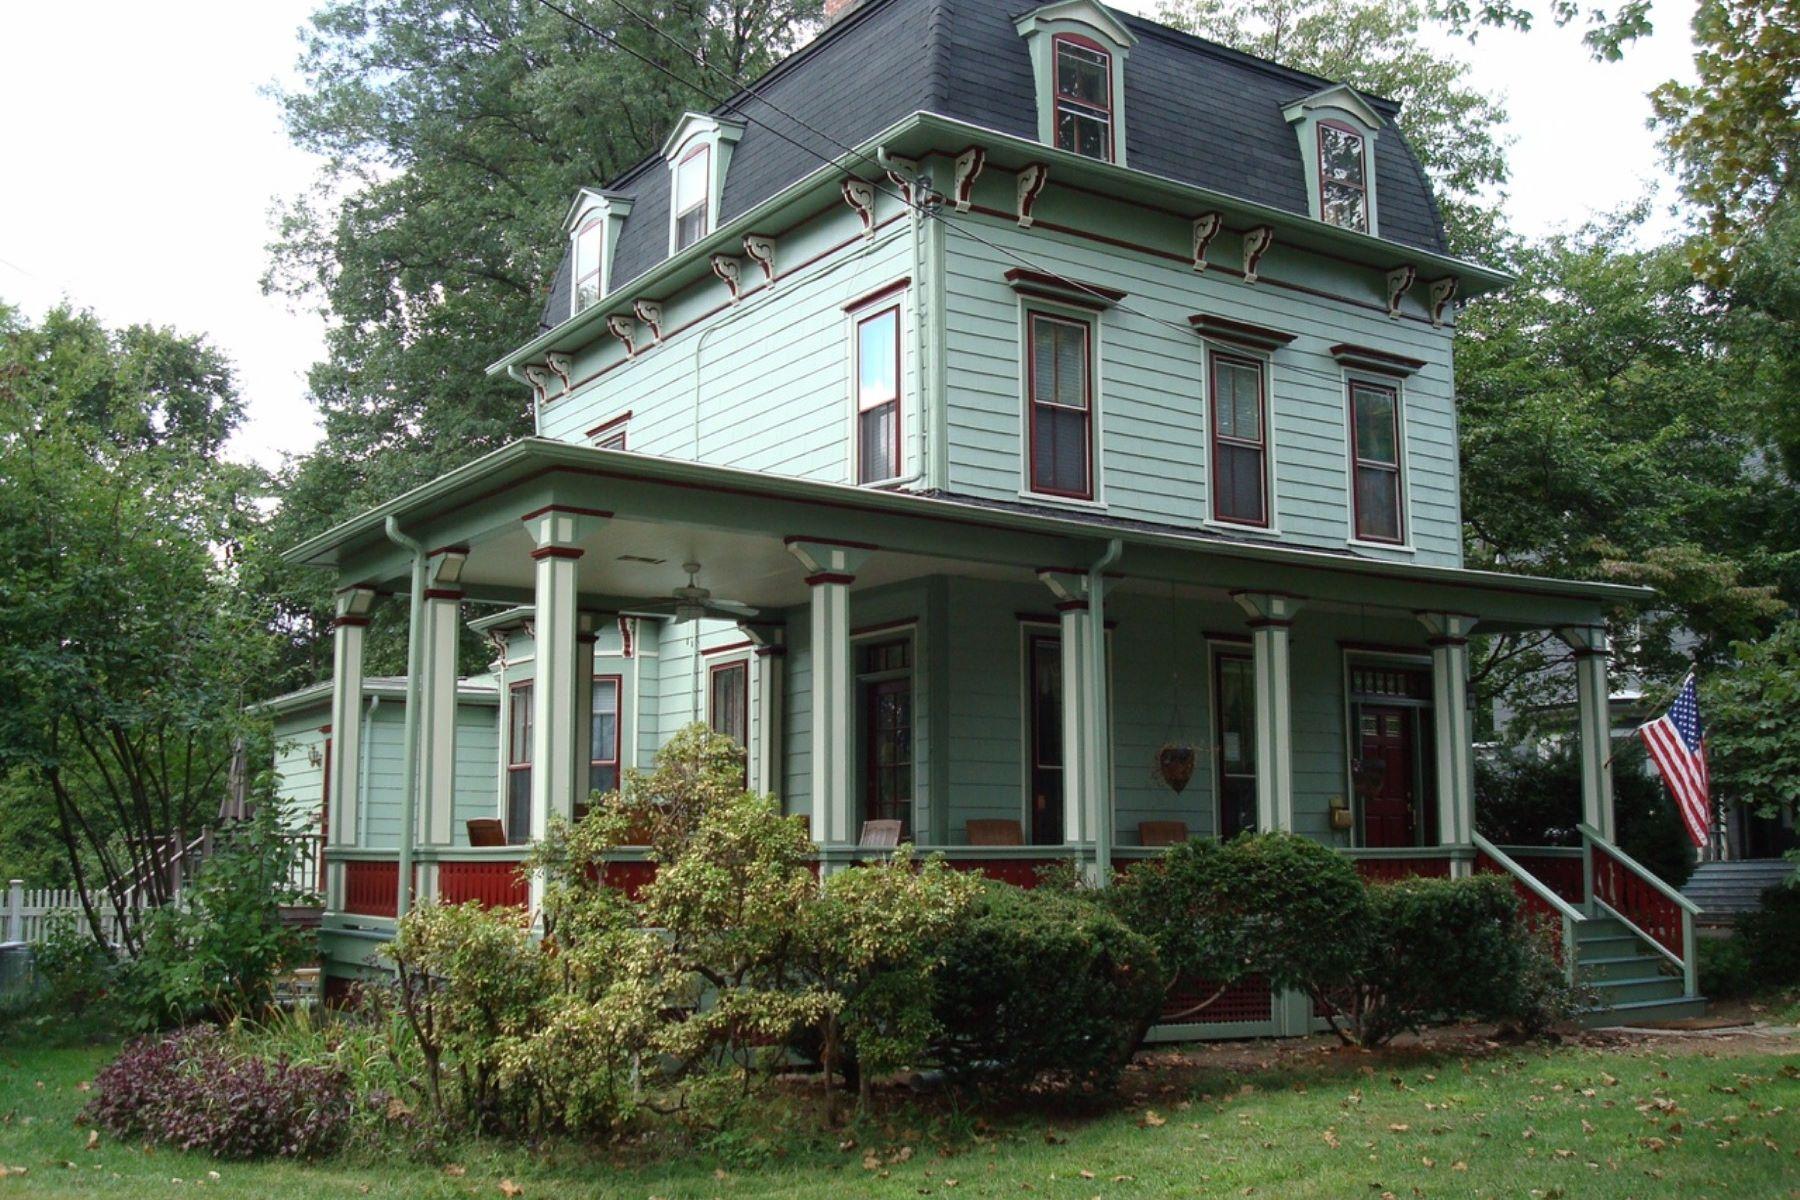 独户住宅 为 销售 在 Victorian Jewel 22 Forest Ave 克兰弗德, 07016 美国